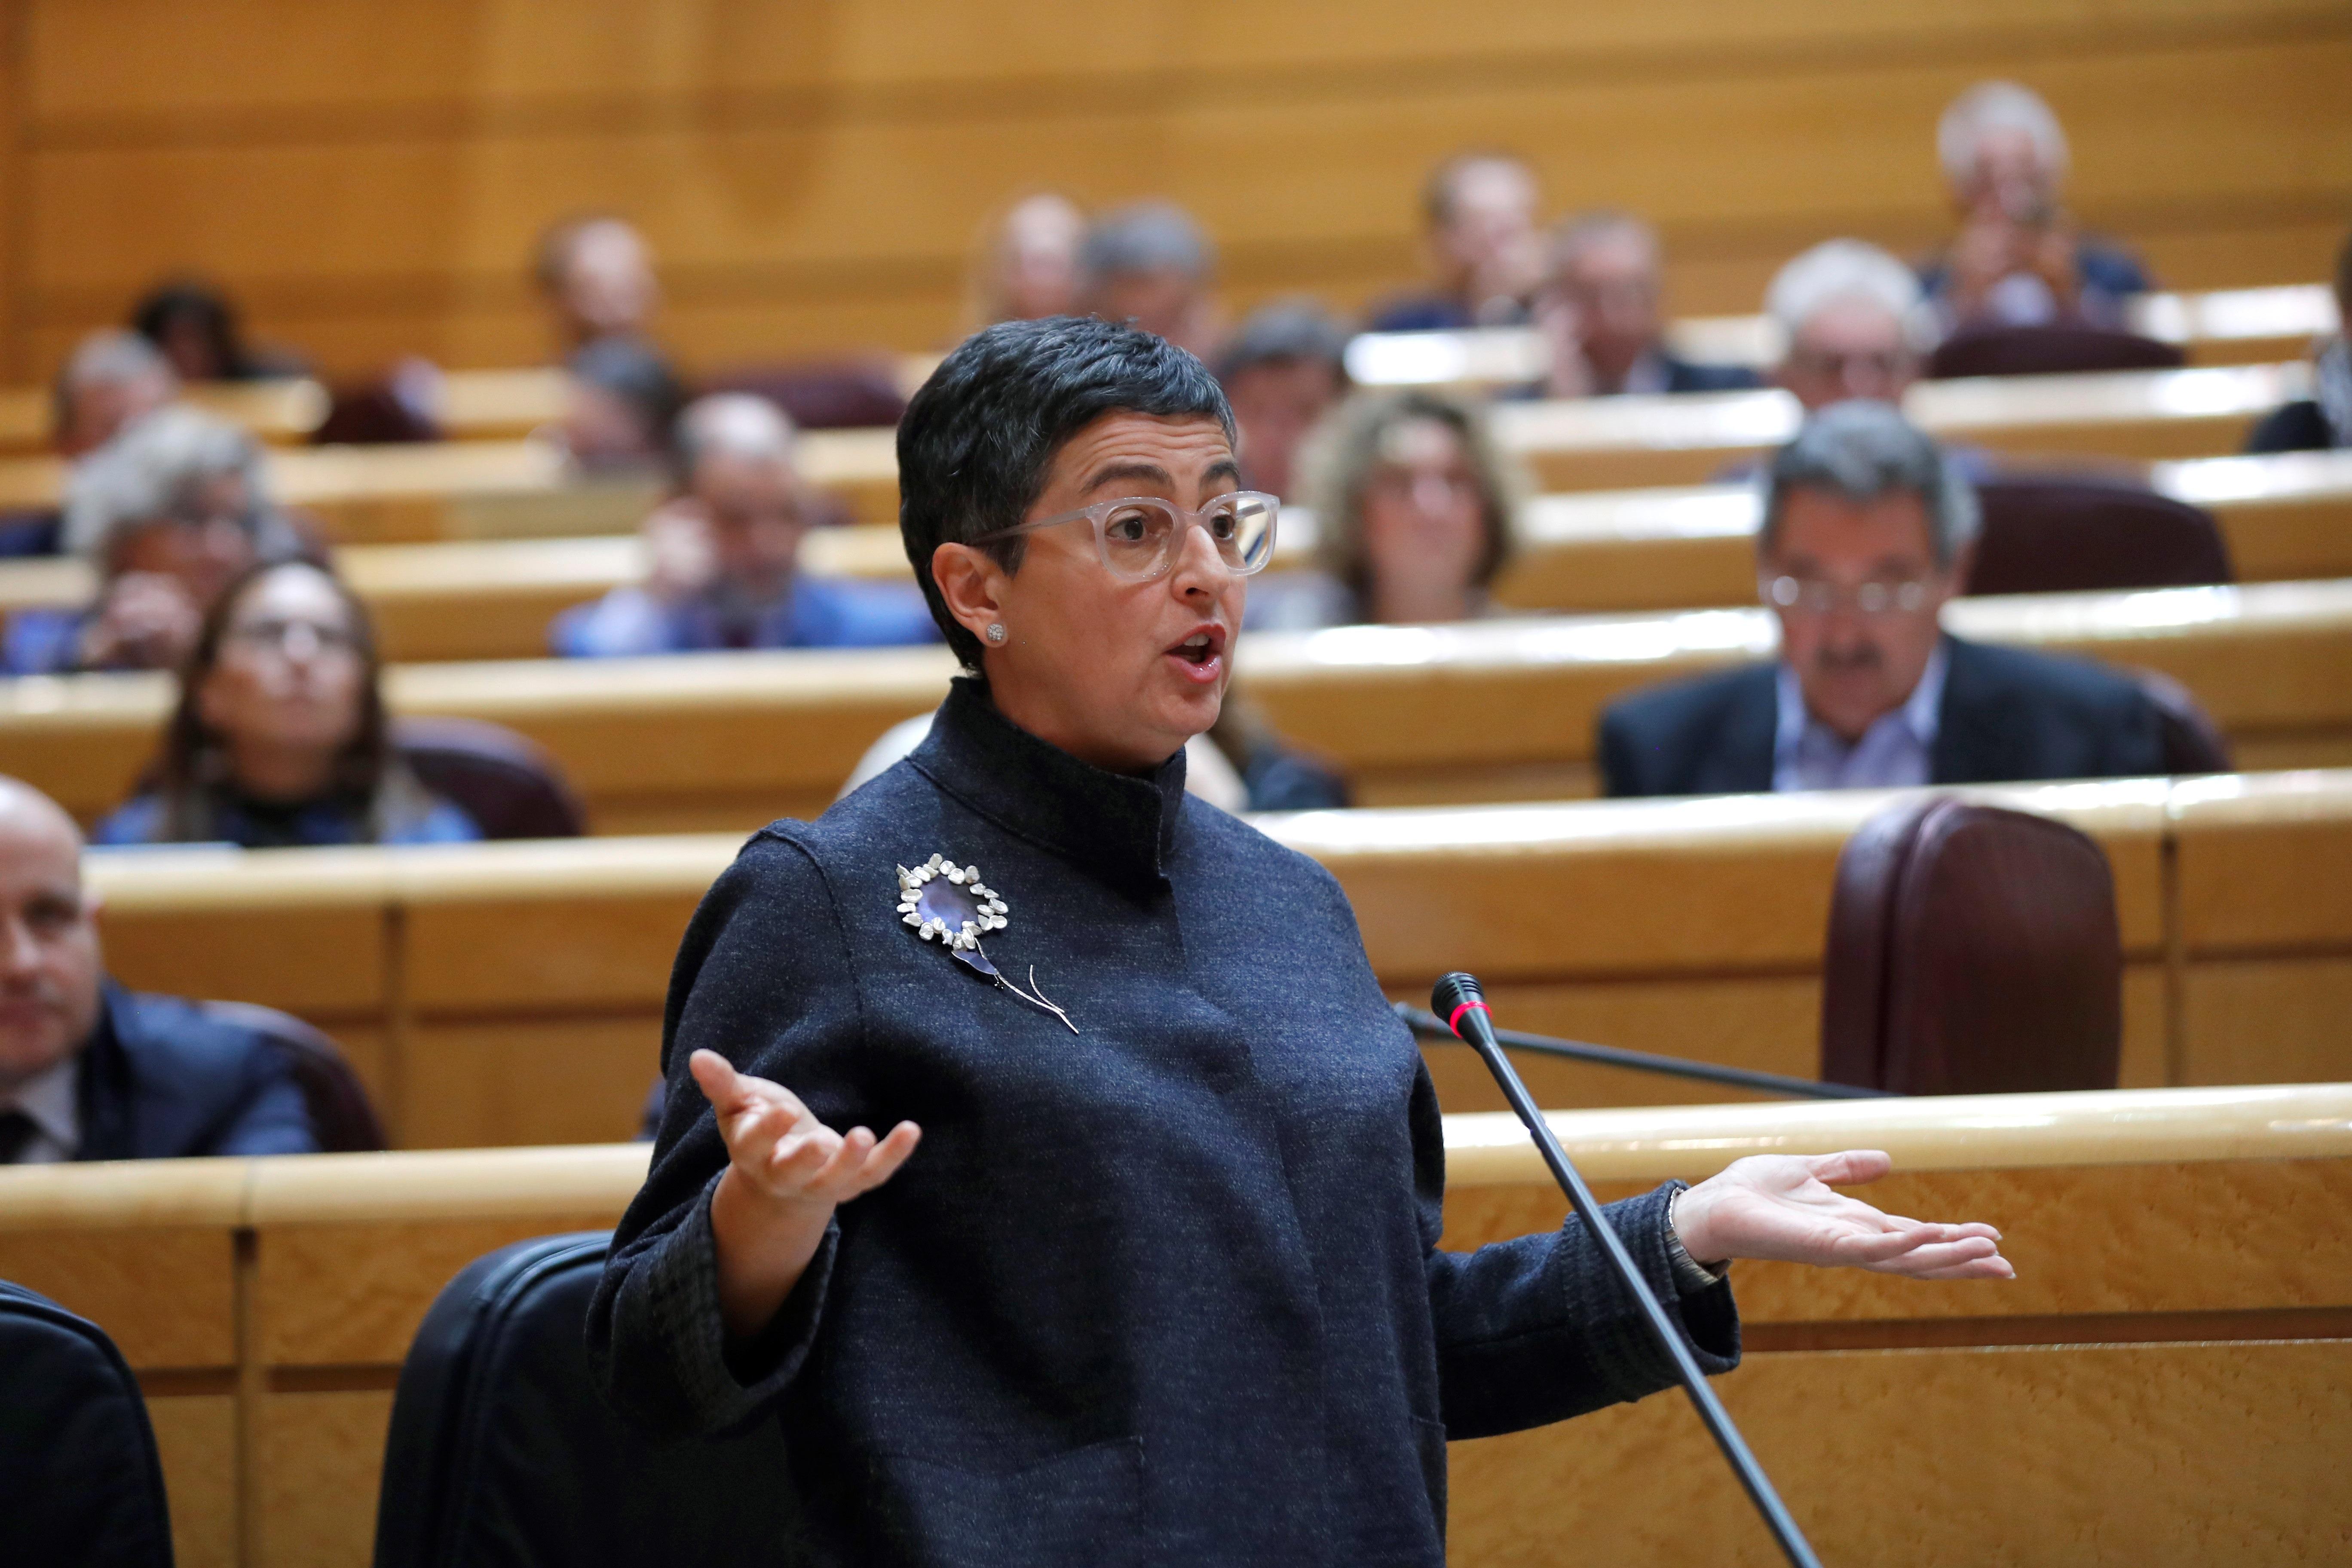 La ministra de Asuntos Exteriores, Arancha González Laya (c), interviene en la sesión de control al Gobierno en el pleno del Senado, este martes en Madrid. EFE/ Emilio Naranjo